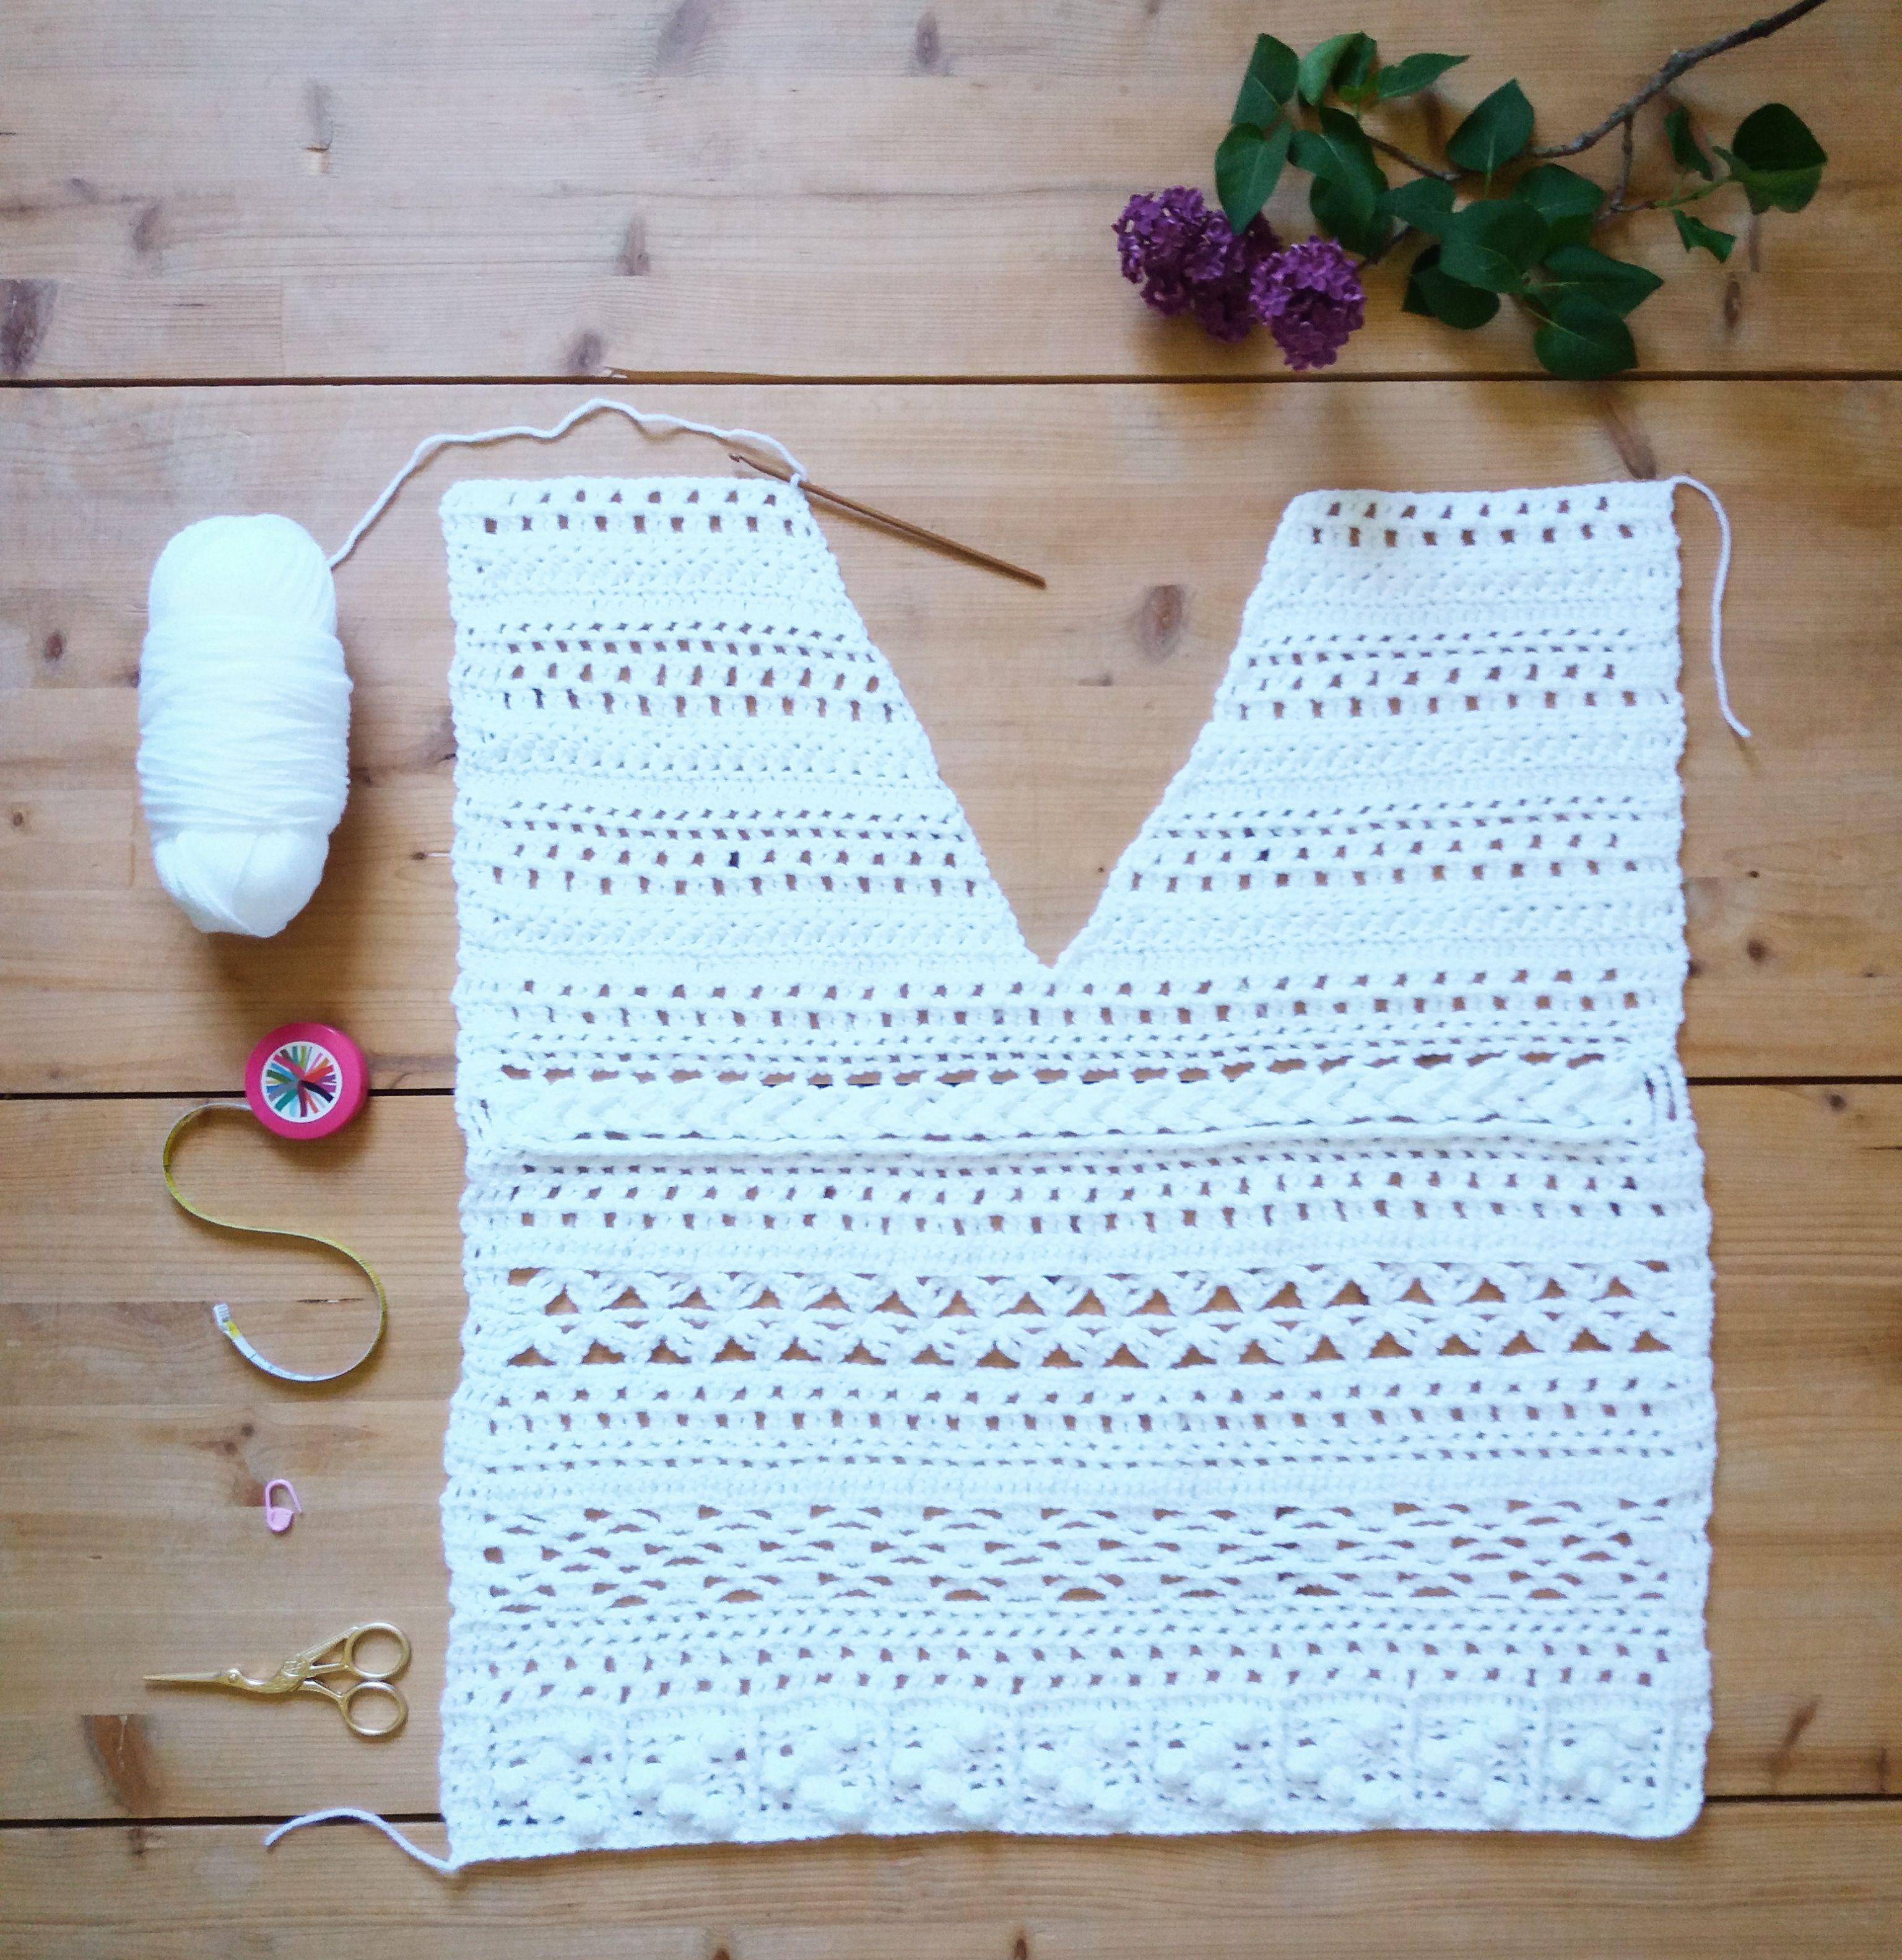 Idée Création Haut au Crochet  Crochet Top Design Idea Idée Création Haut au Crochet  Crochet Top Design Idea